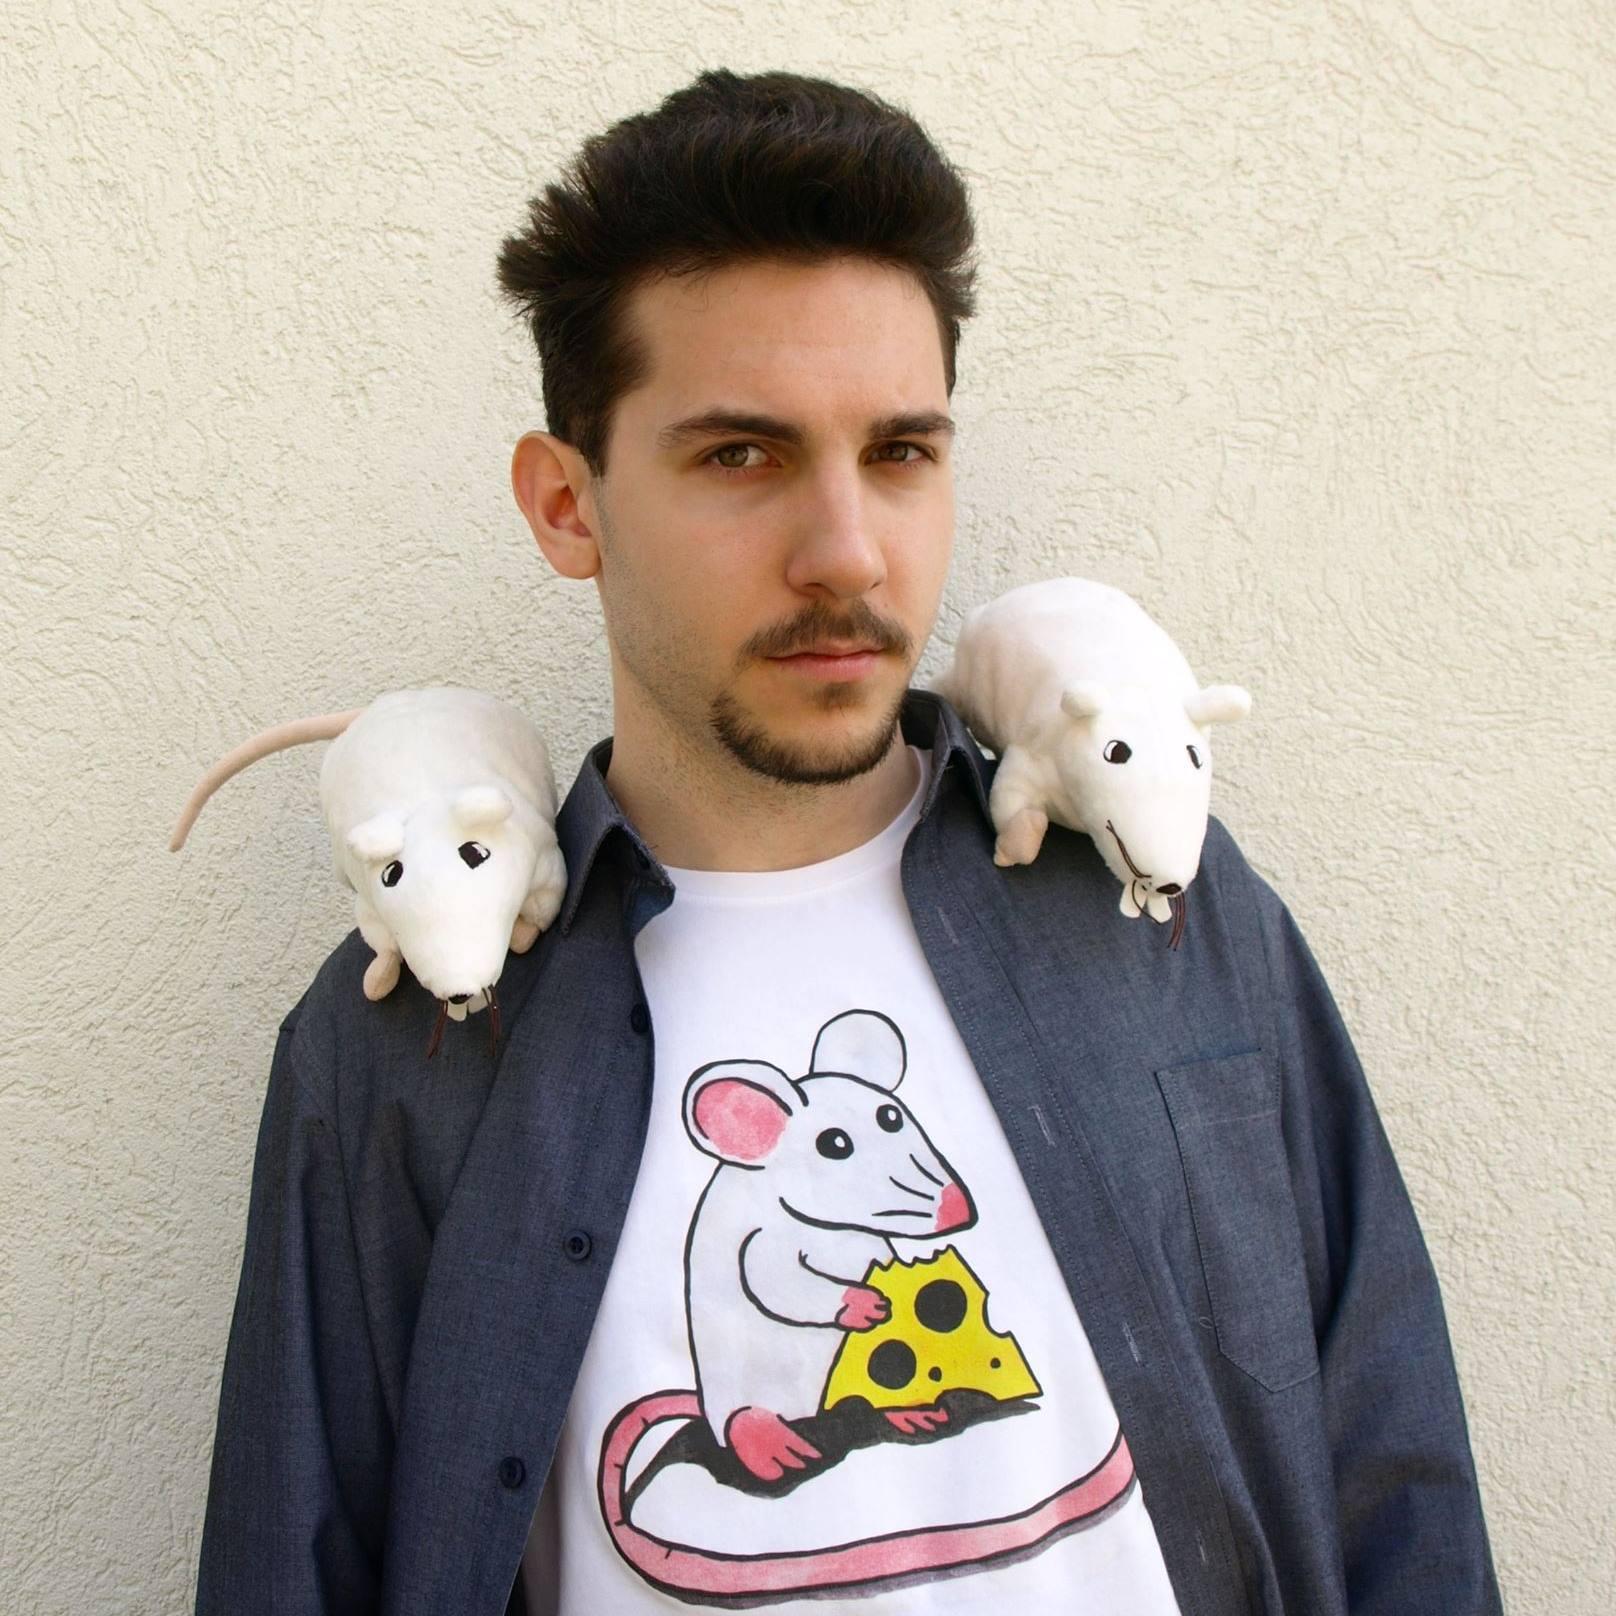 Egeres filmhez egerek is dukálnak - vagy nem?